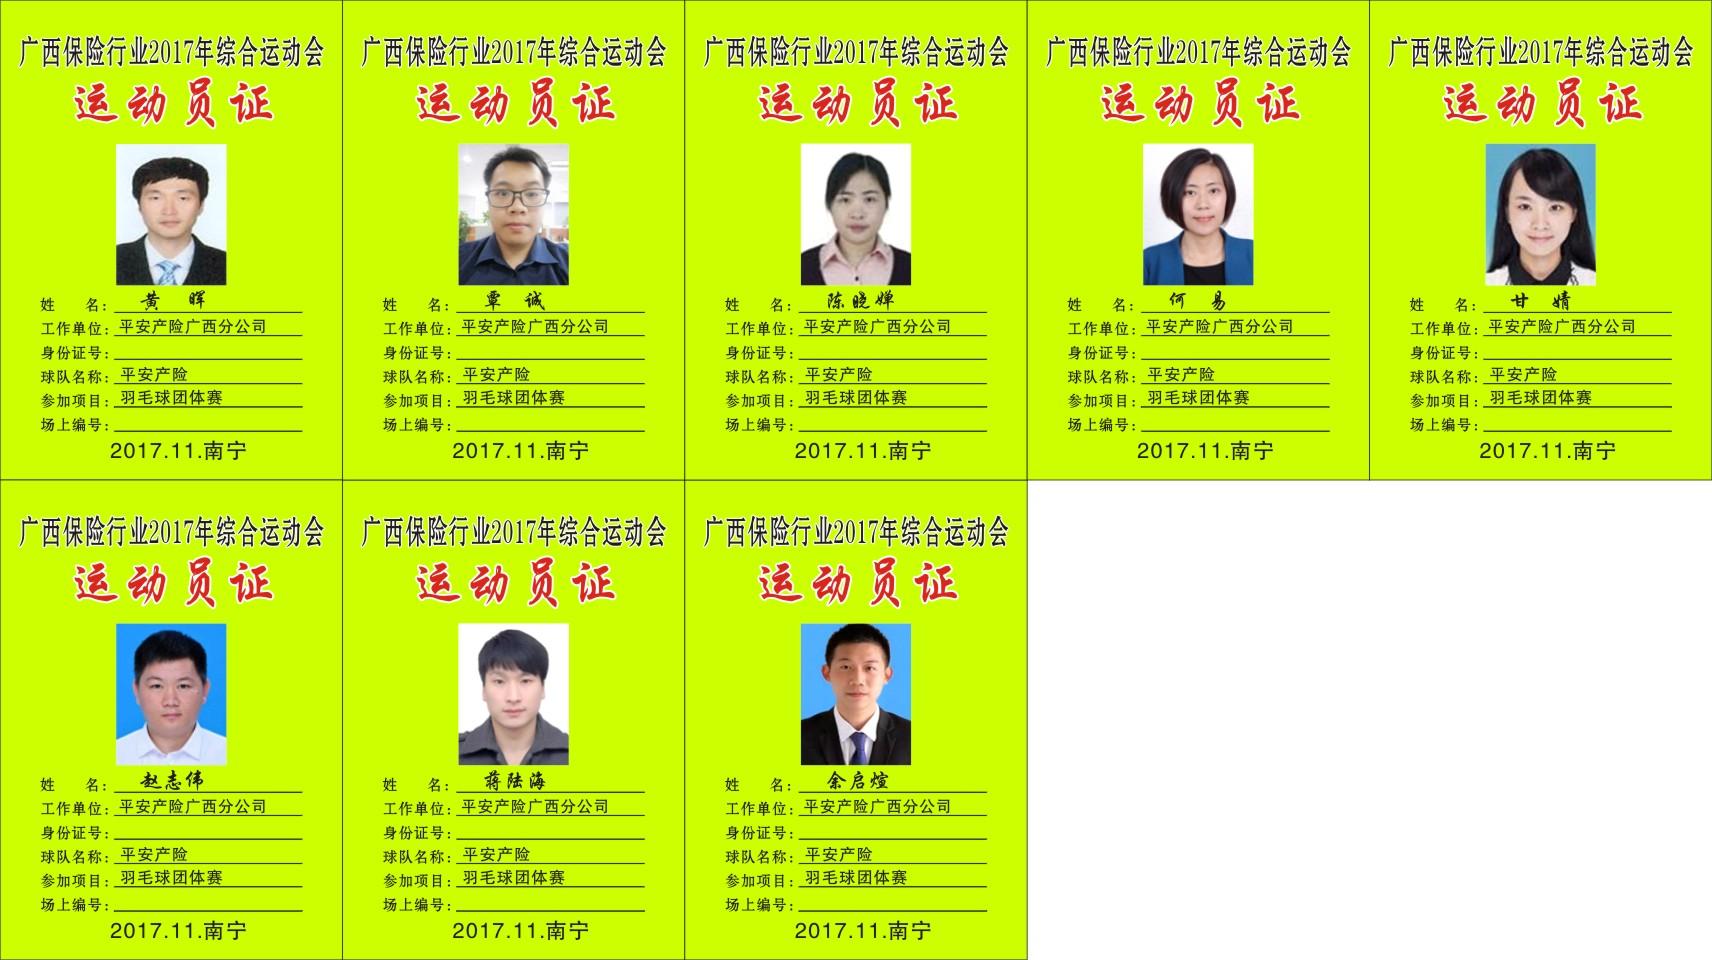 16平安产险广西分公司.jpg